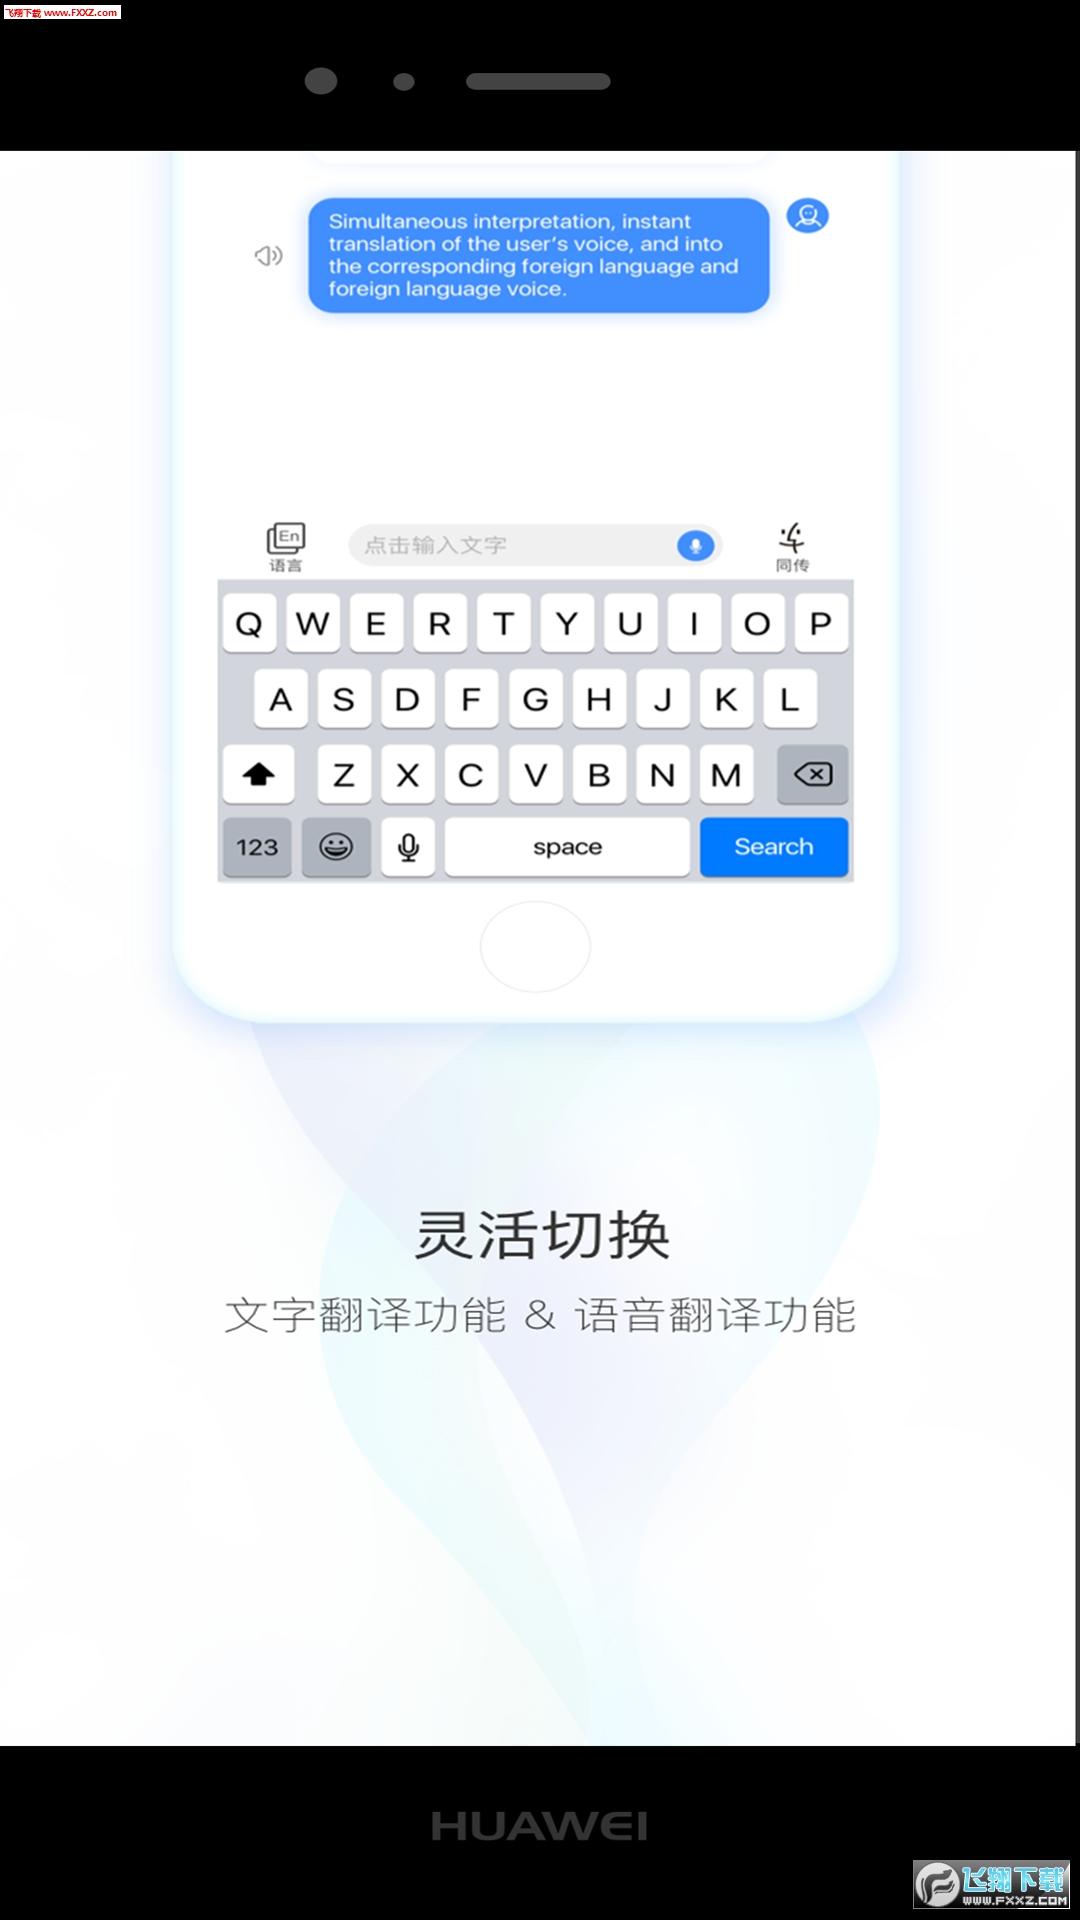 智译翻译软件4.0.1截图0